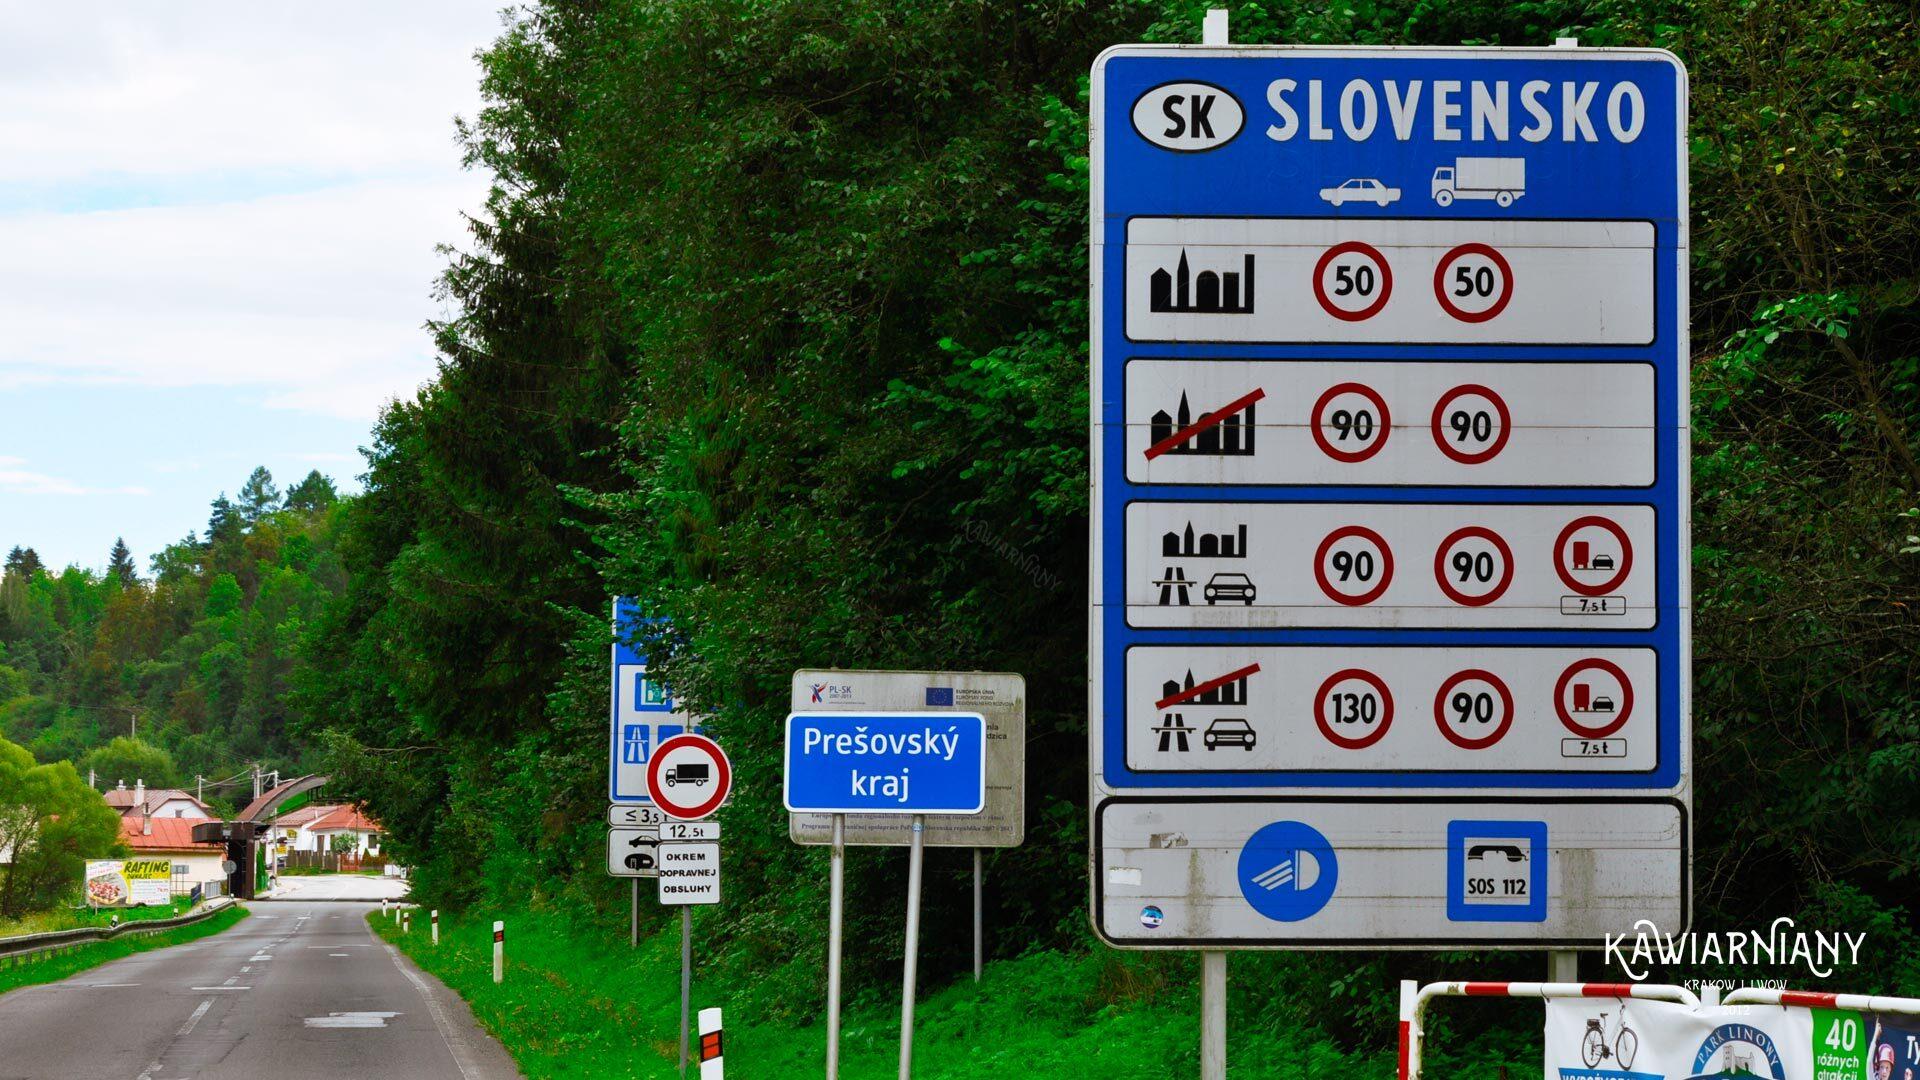 Czy Słowacja jest w Unii Europejskiej? Sprawdzamy!